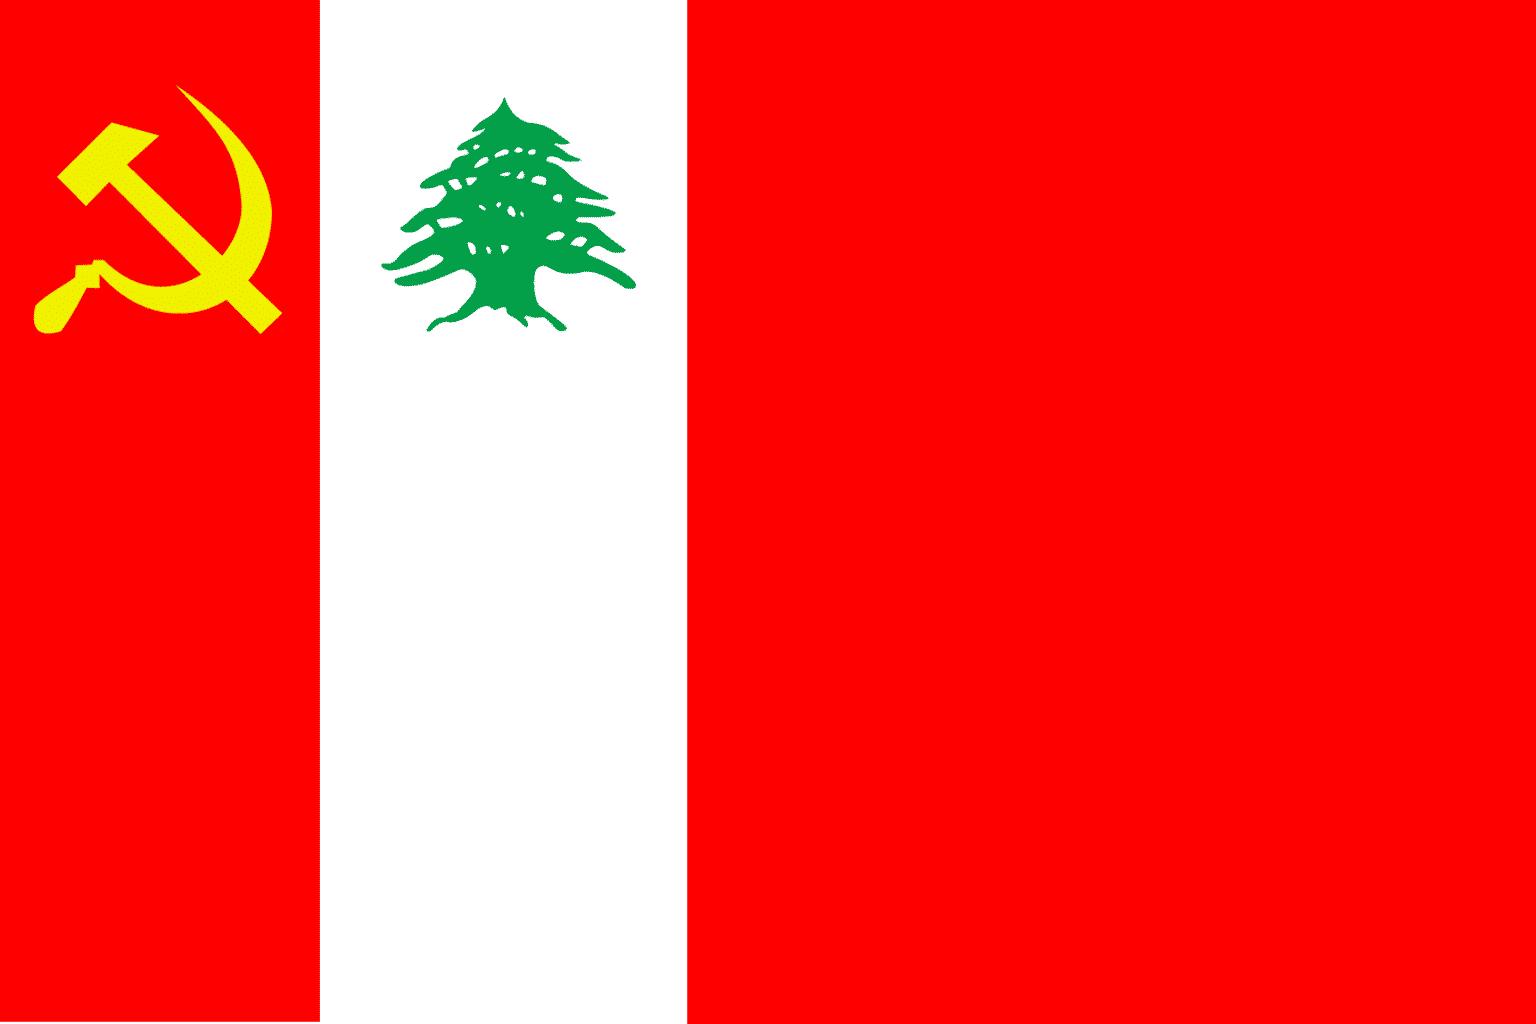 رحيل القائد المناضل الرفيق كمال البقاعي نائب الامين العام للحزب الشيوعي اللبناني